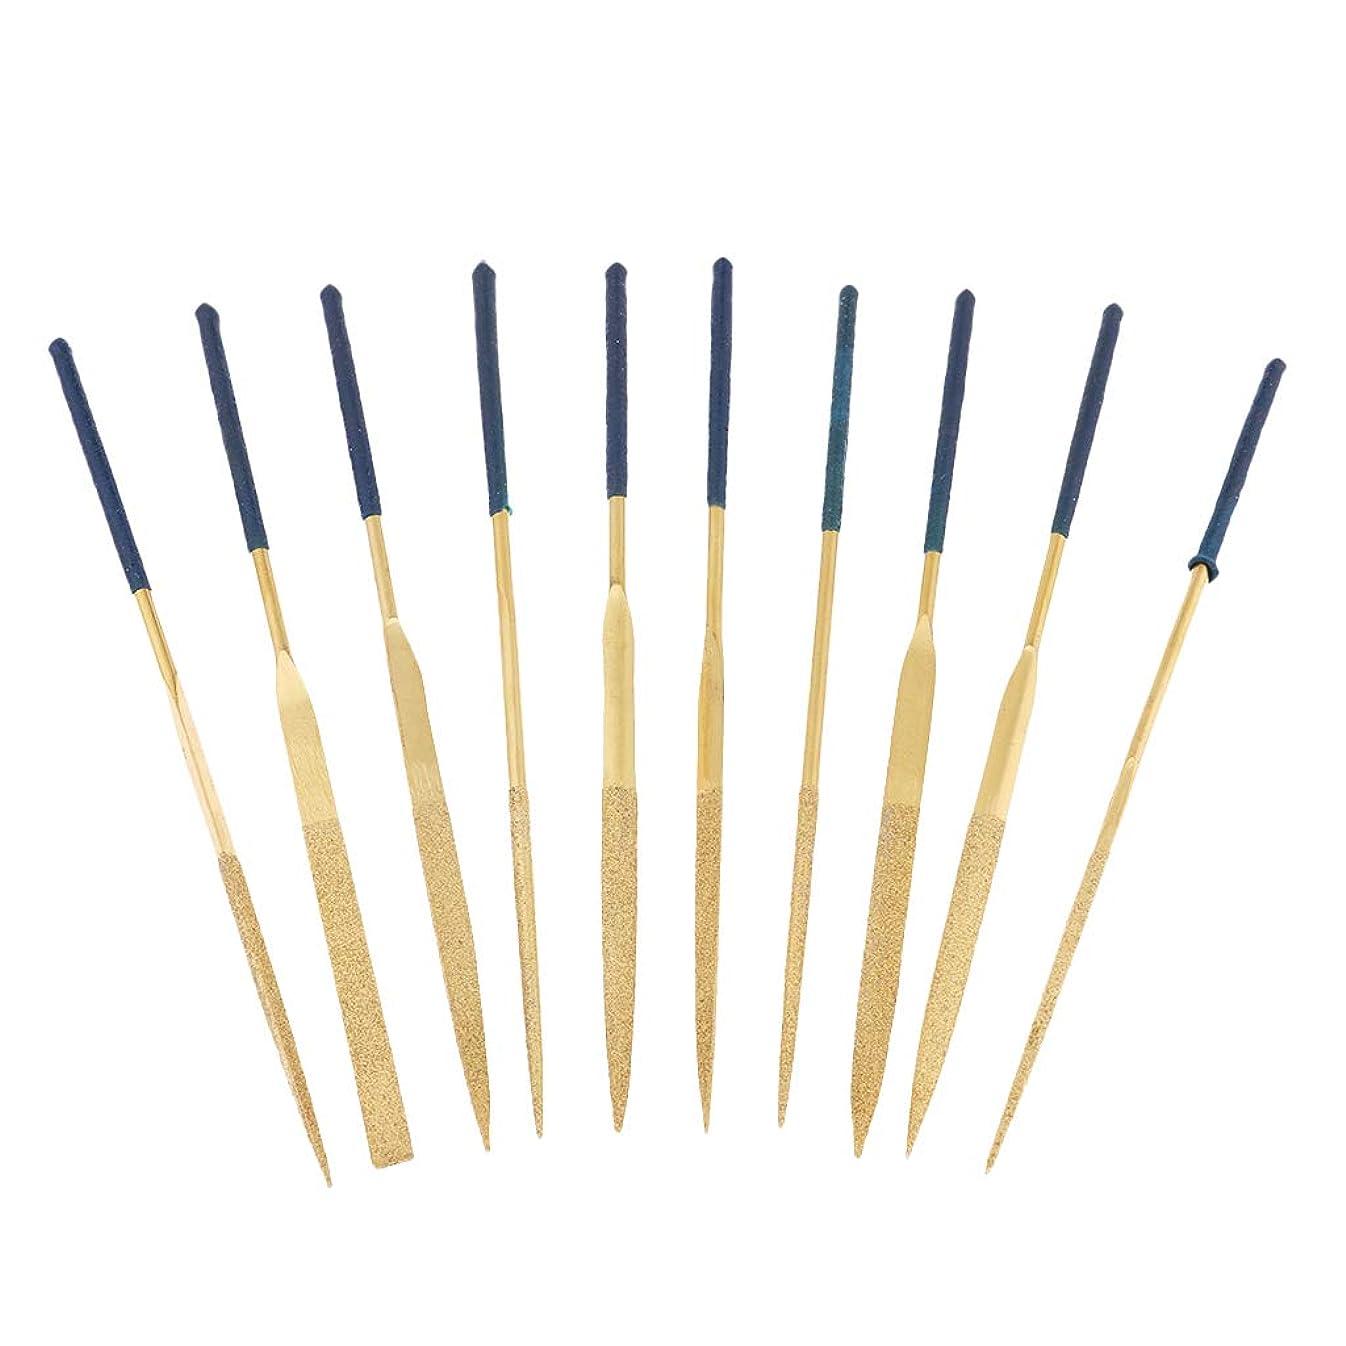 職業樹皮団結F Fityle ファイルニードルセット ミニ ファイルツール メイキングツール 全3選択 - 140x3mm